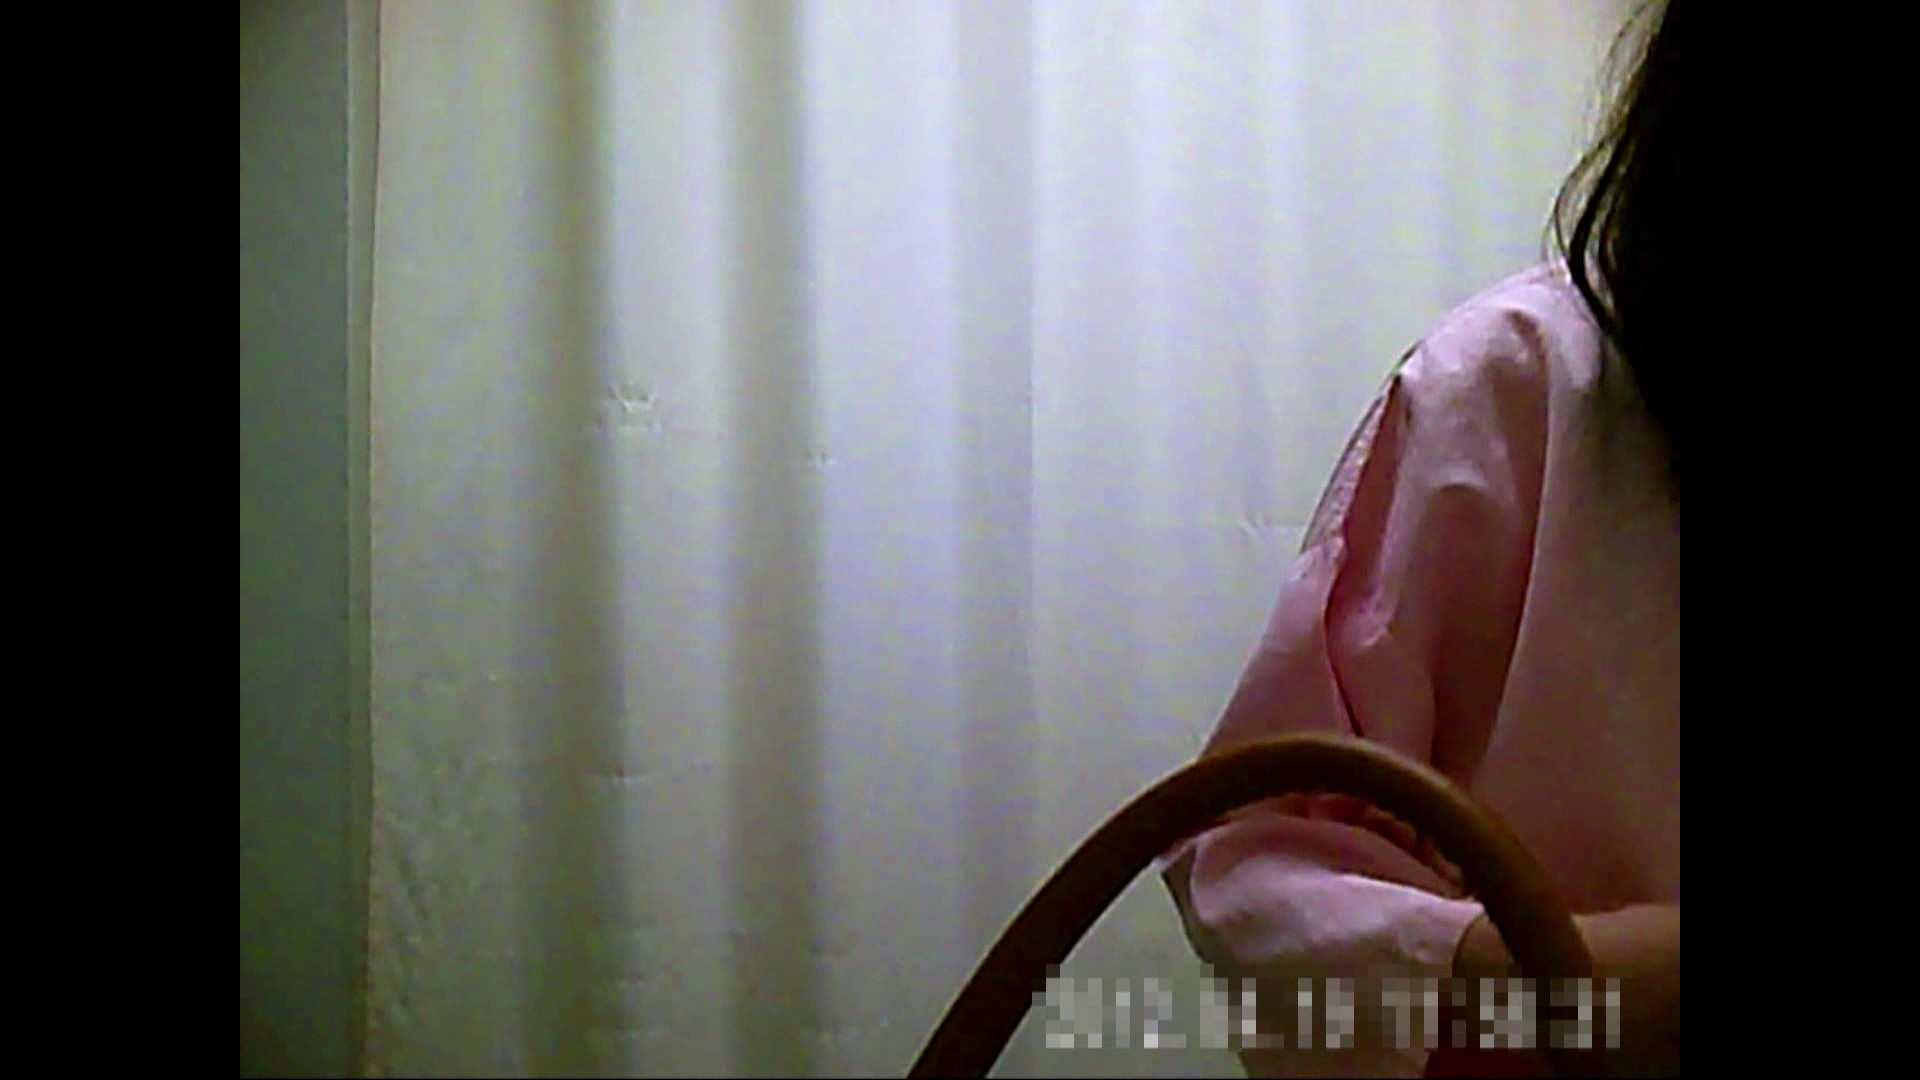 病院おもいっきり着替え! vol.282 おっぱい オマンコ無修正動画無料 85pic 31